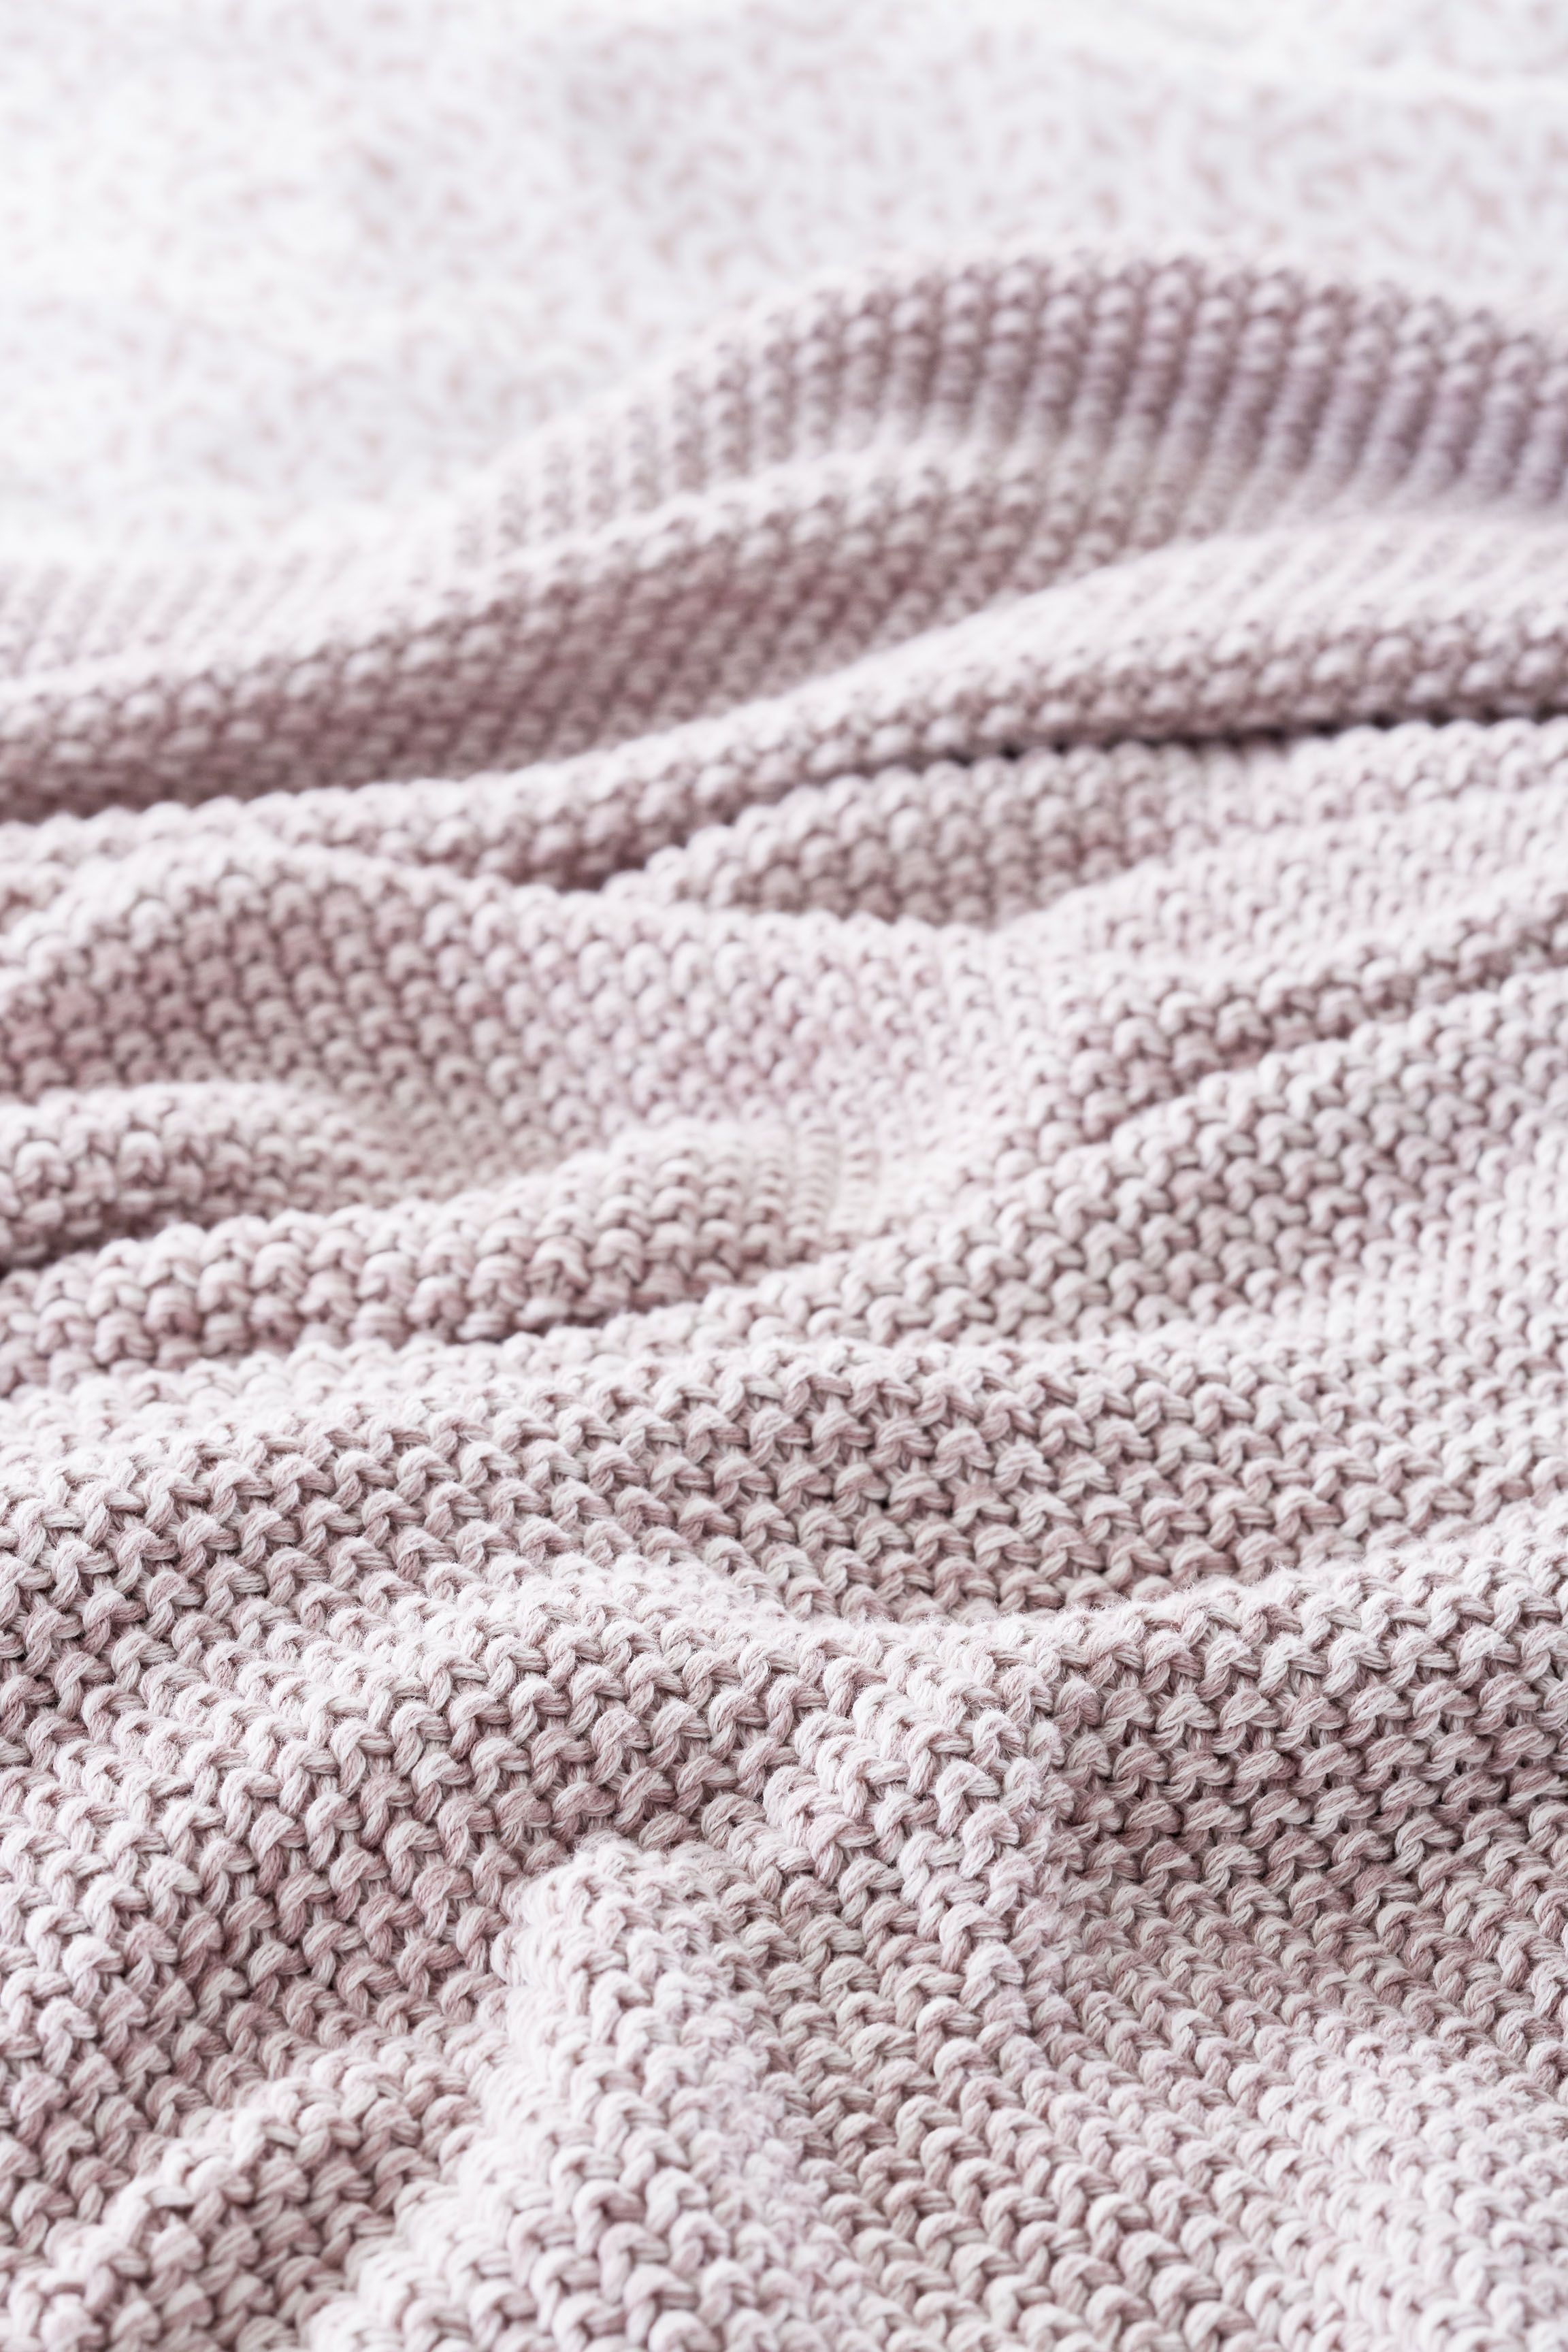 Unsere Tagesdecke Aus Gestrickter Baumwolle Hat Dich So Begeistert Dass Wir Das Schicke Strickstuck Nun Au Deckchen Tagesdecke Und Schoner Wohnen